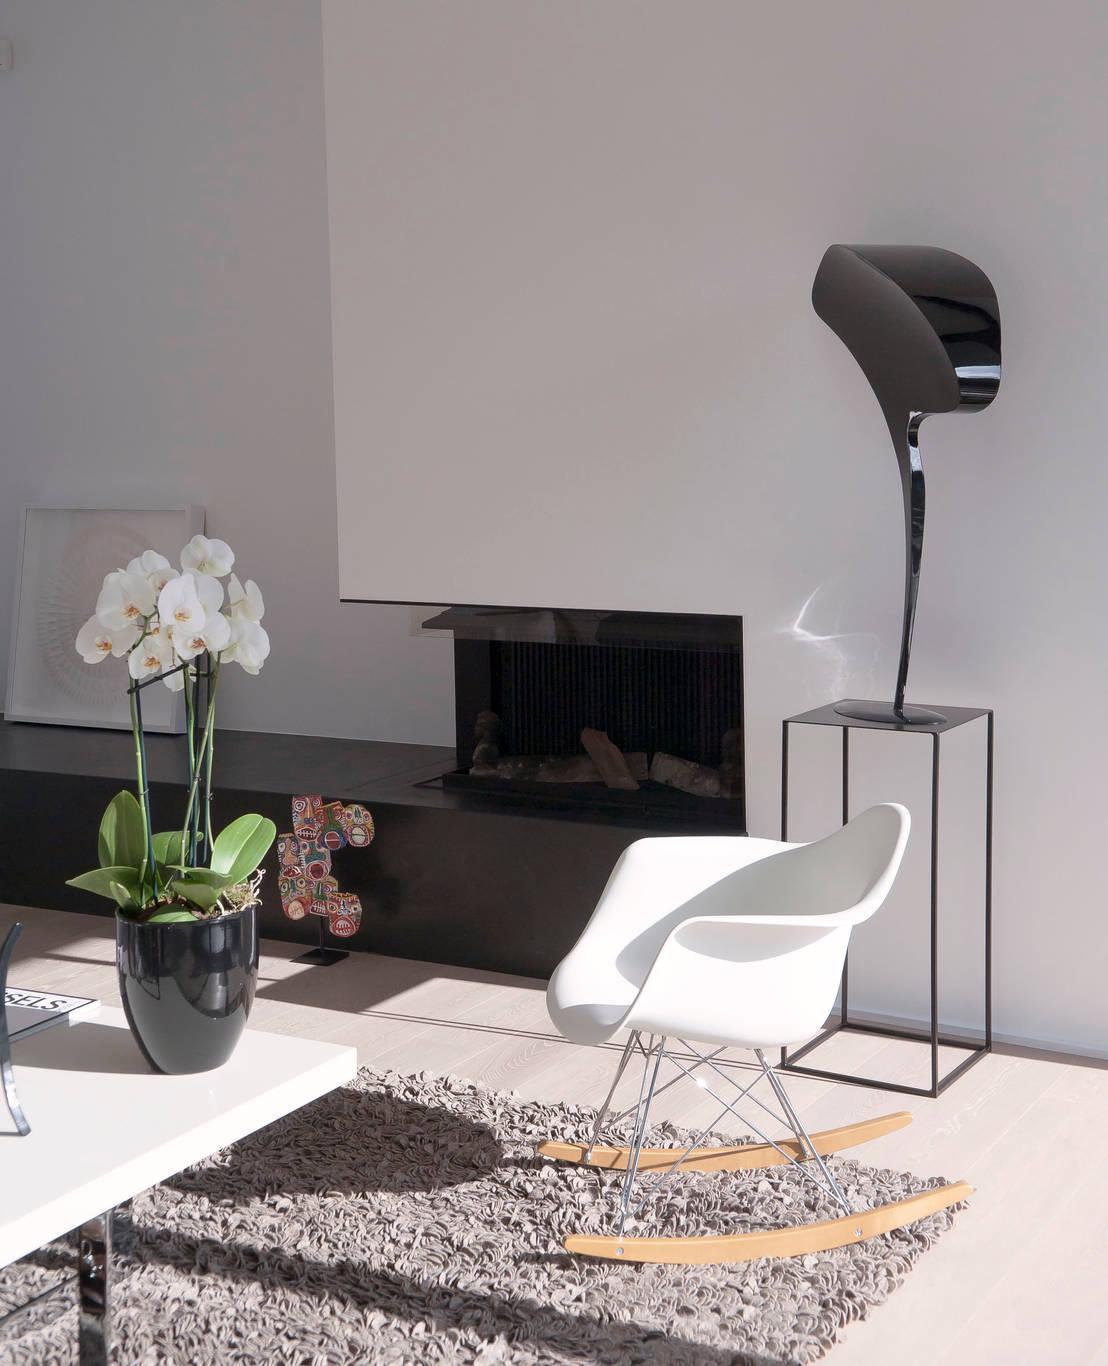 Decoration noir et blanc door isabelle leclercq design for Decoration noir et blanc